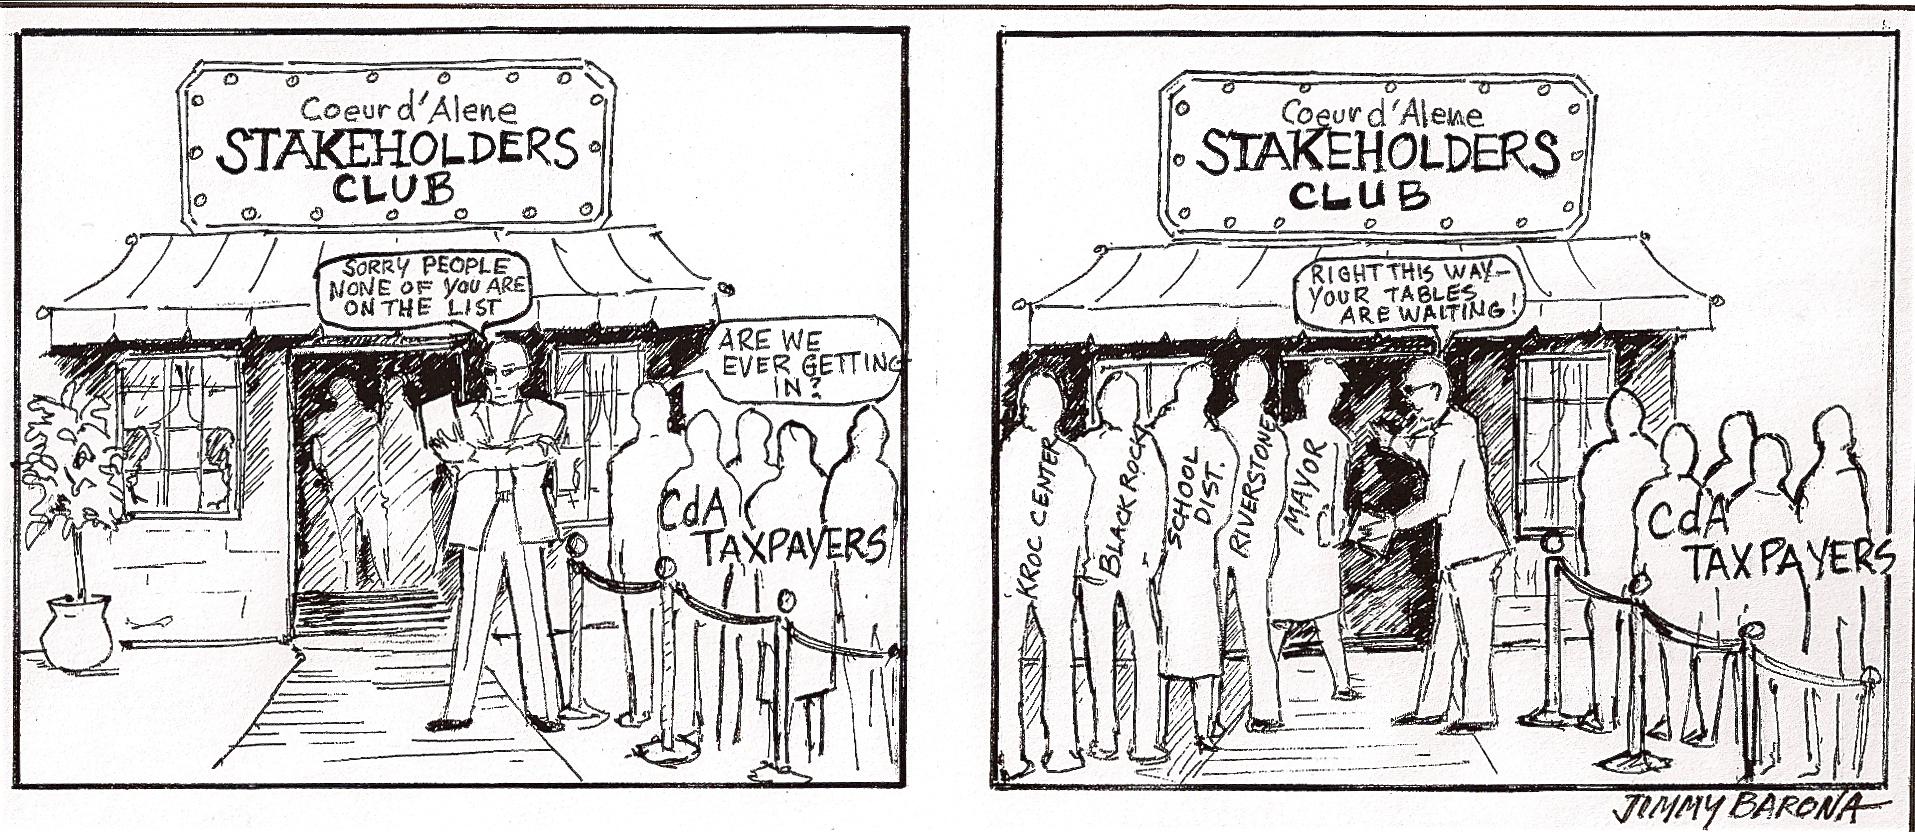 stakeholders-both.jpg